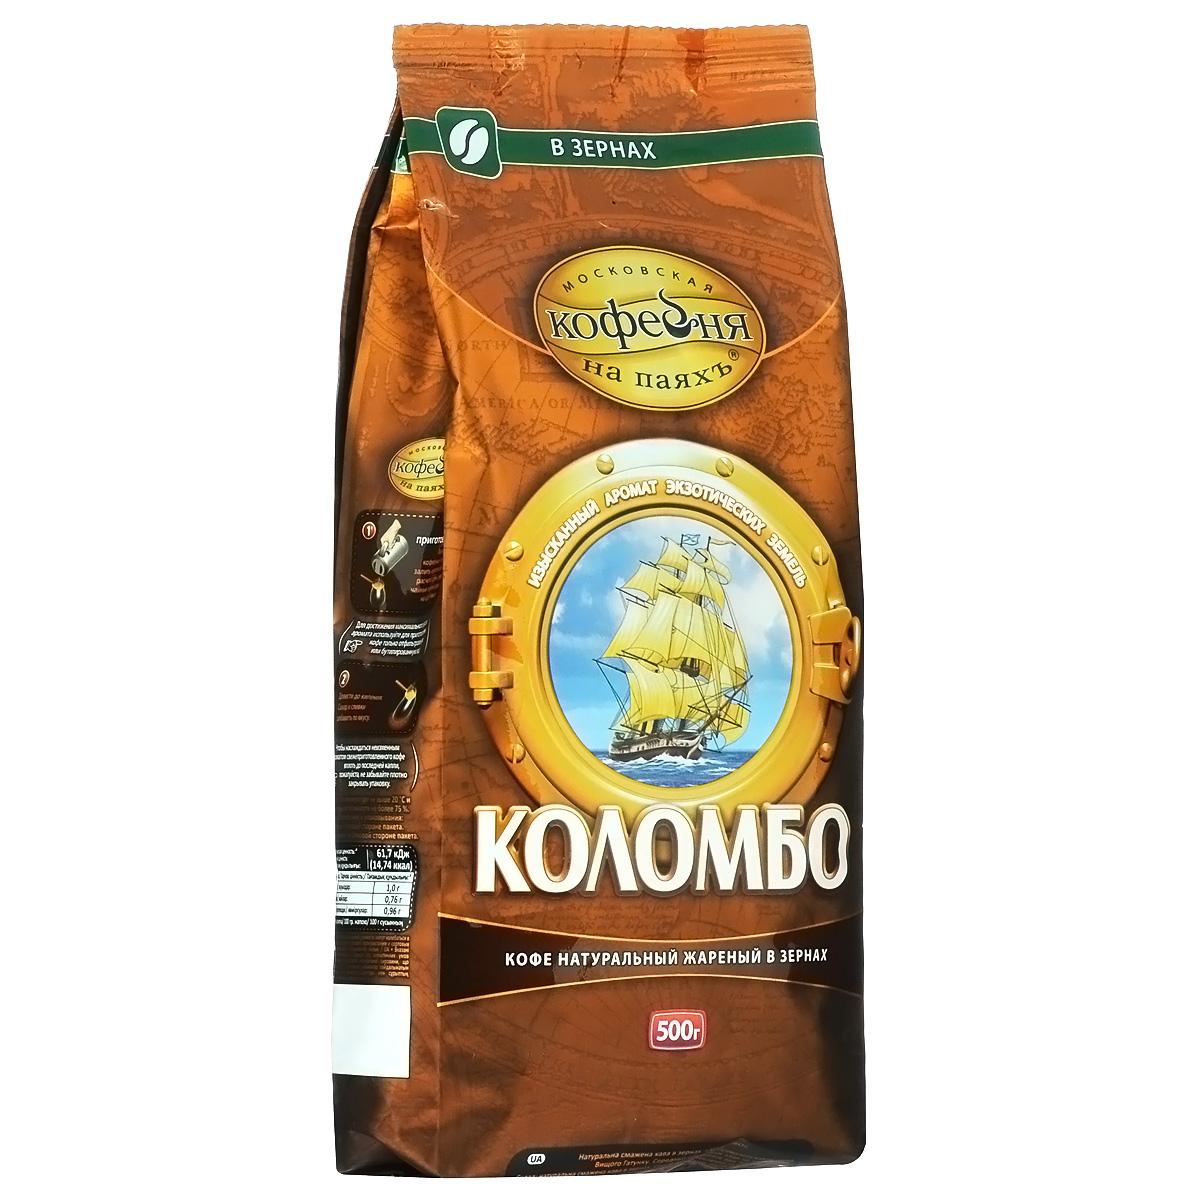 Московская кофейня на паяхъ Коломбо кофе в зернах, 500 г4601985000045